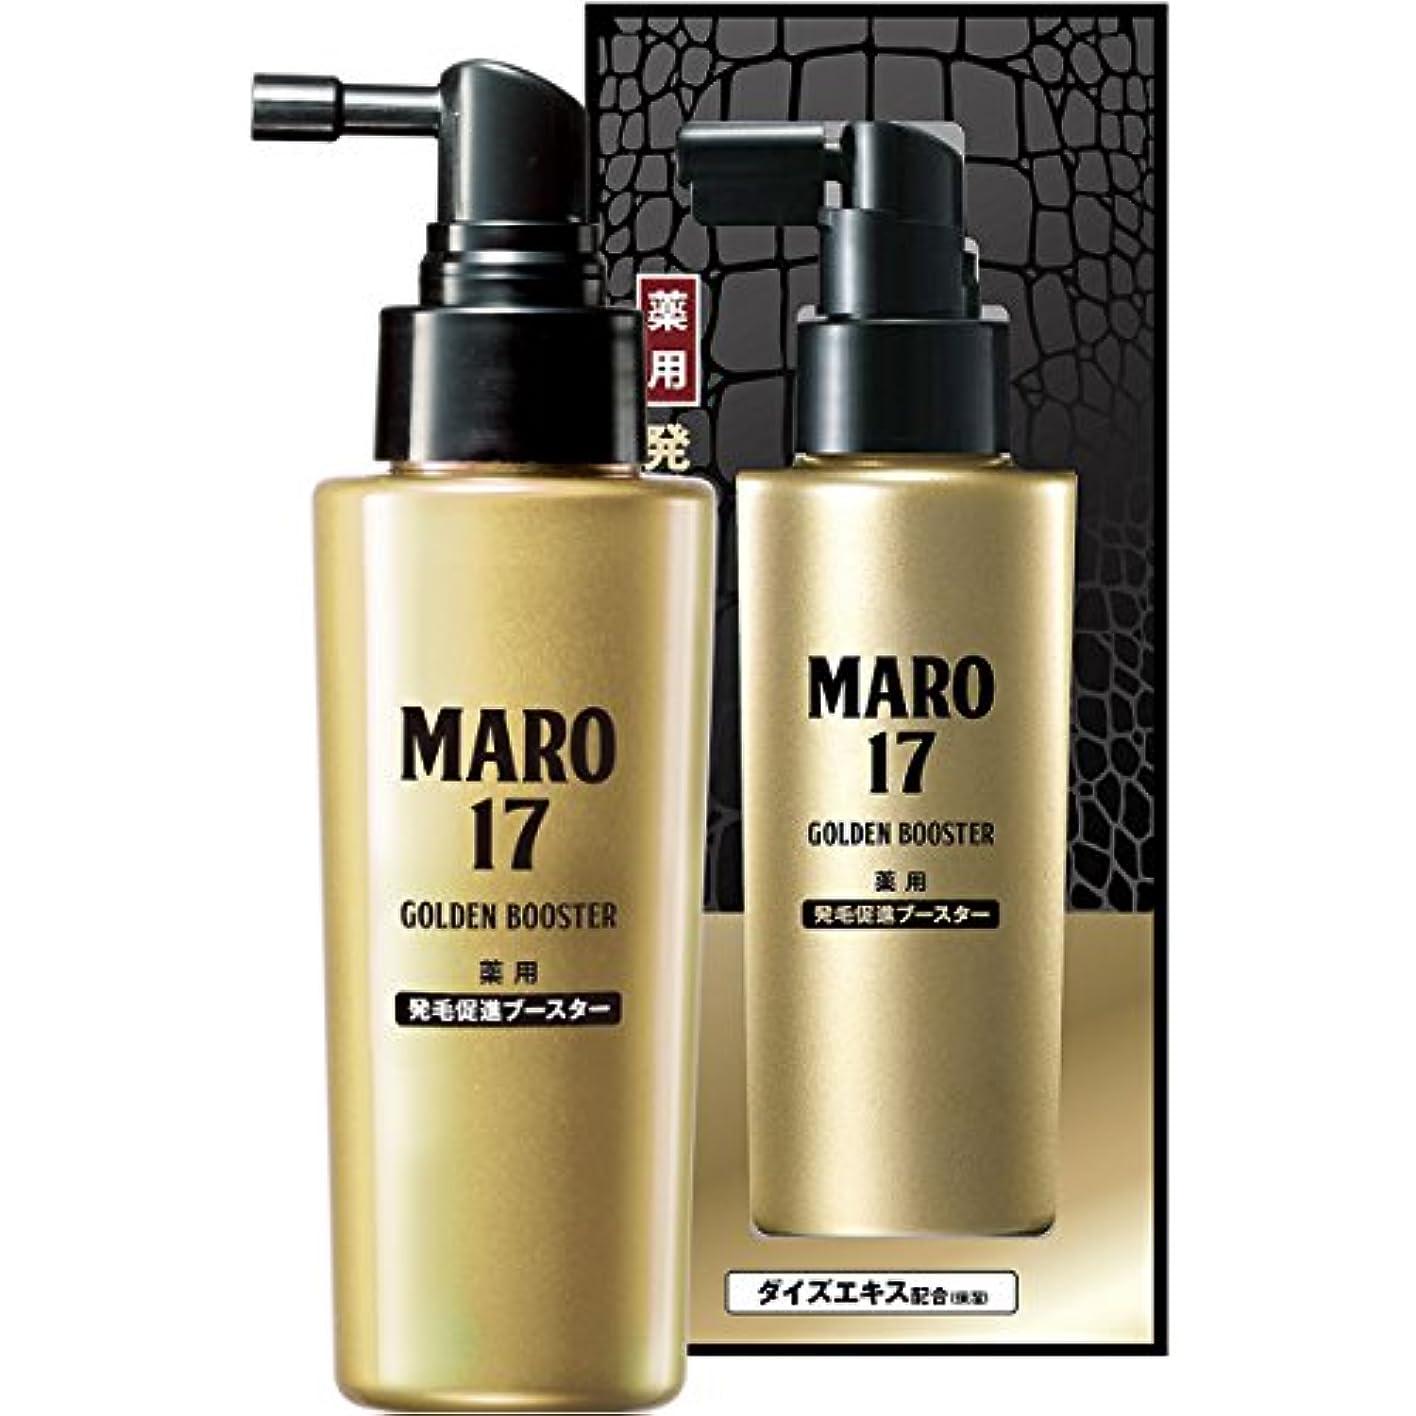 公からに変化するトランスペアレントMARO17 薬用 発毛促進ブースター 100ml (約1ヶ月分)【医薬部外品】